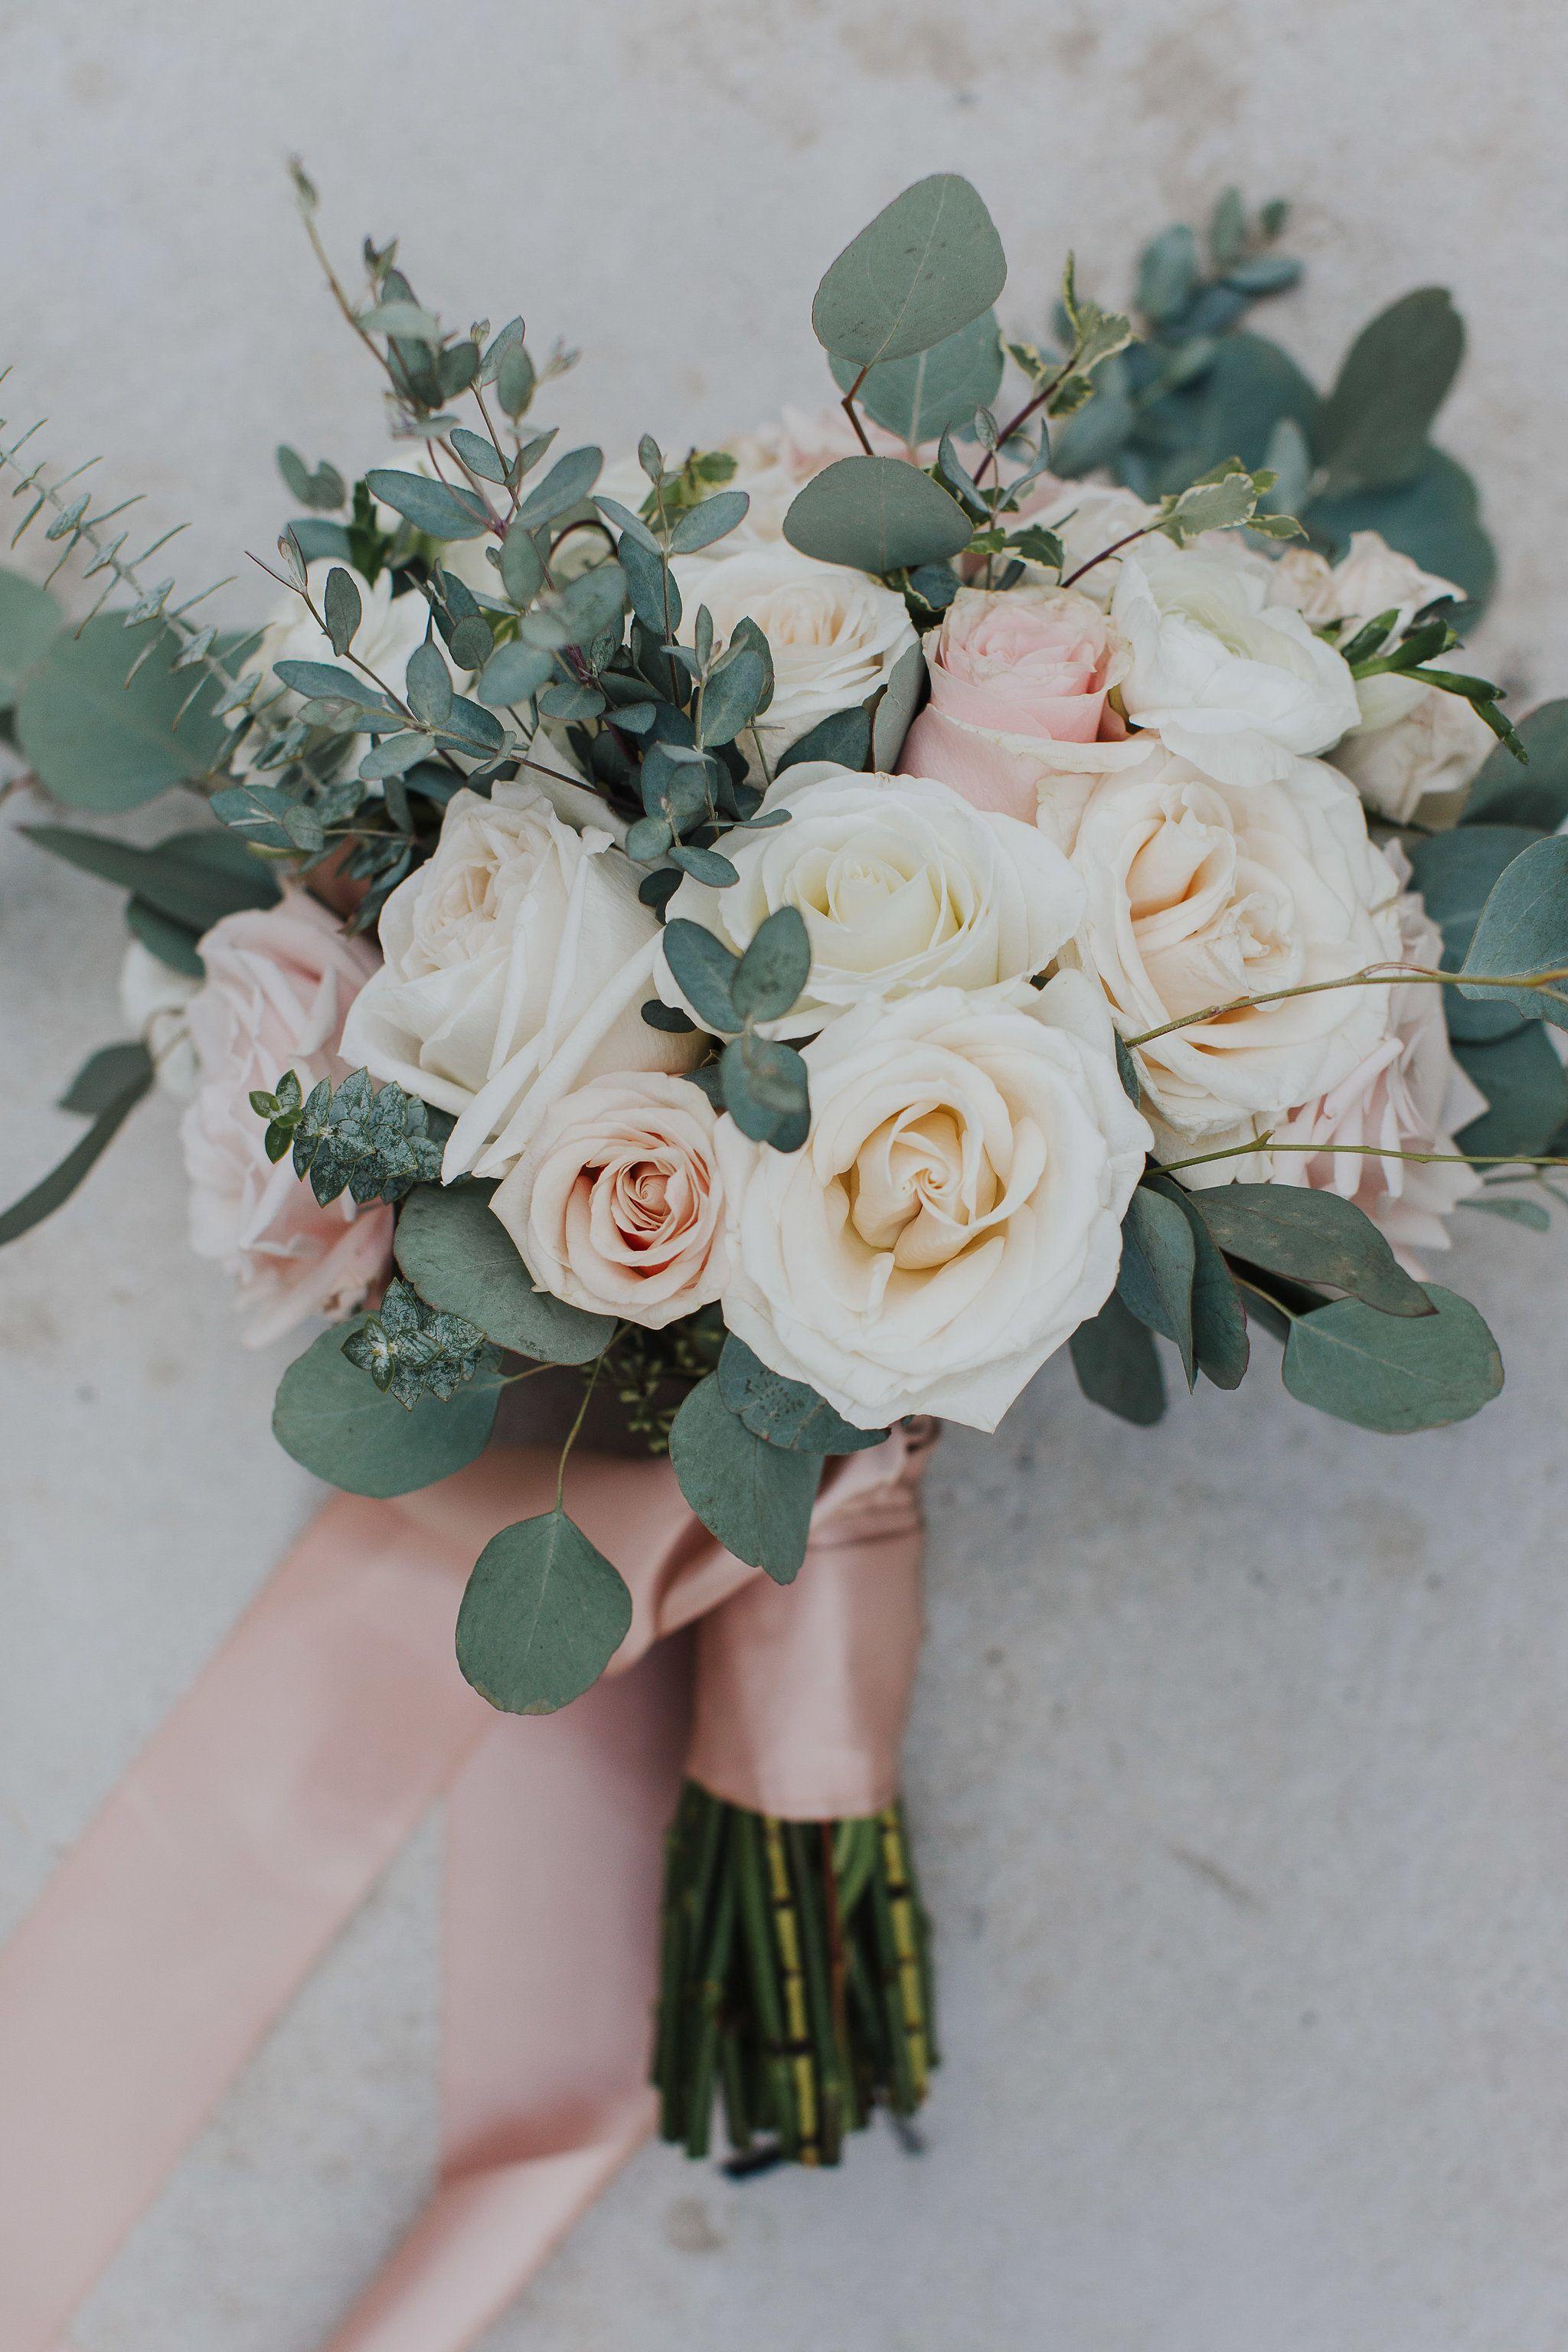 Alex Lana Kristen Curette Photography Bridal Bouquet Pink